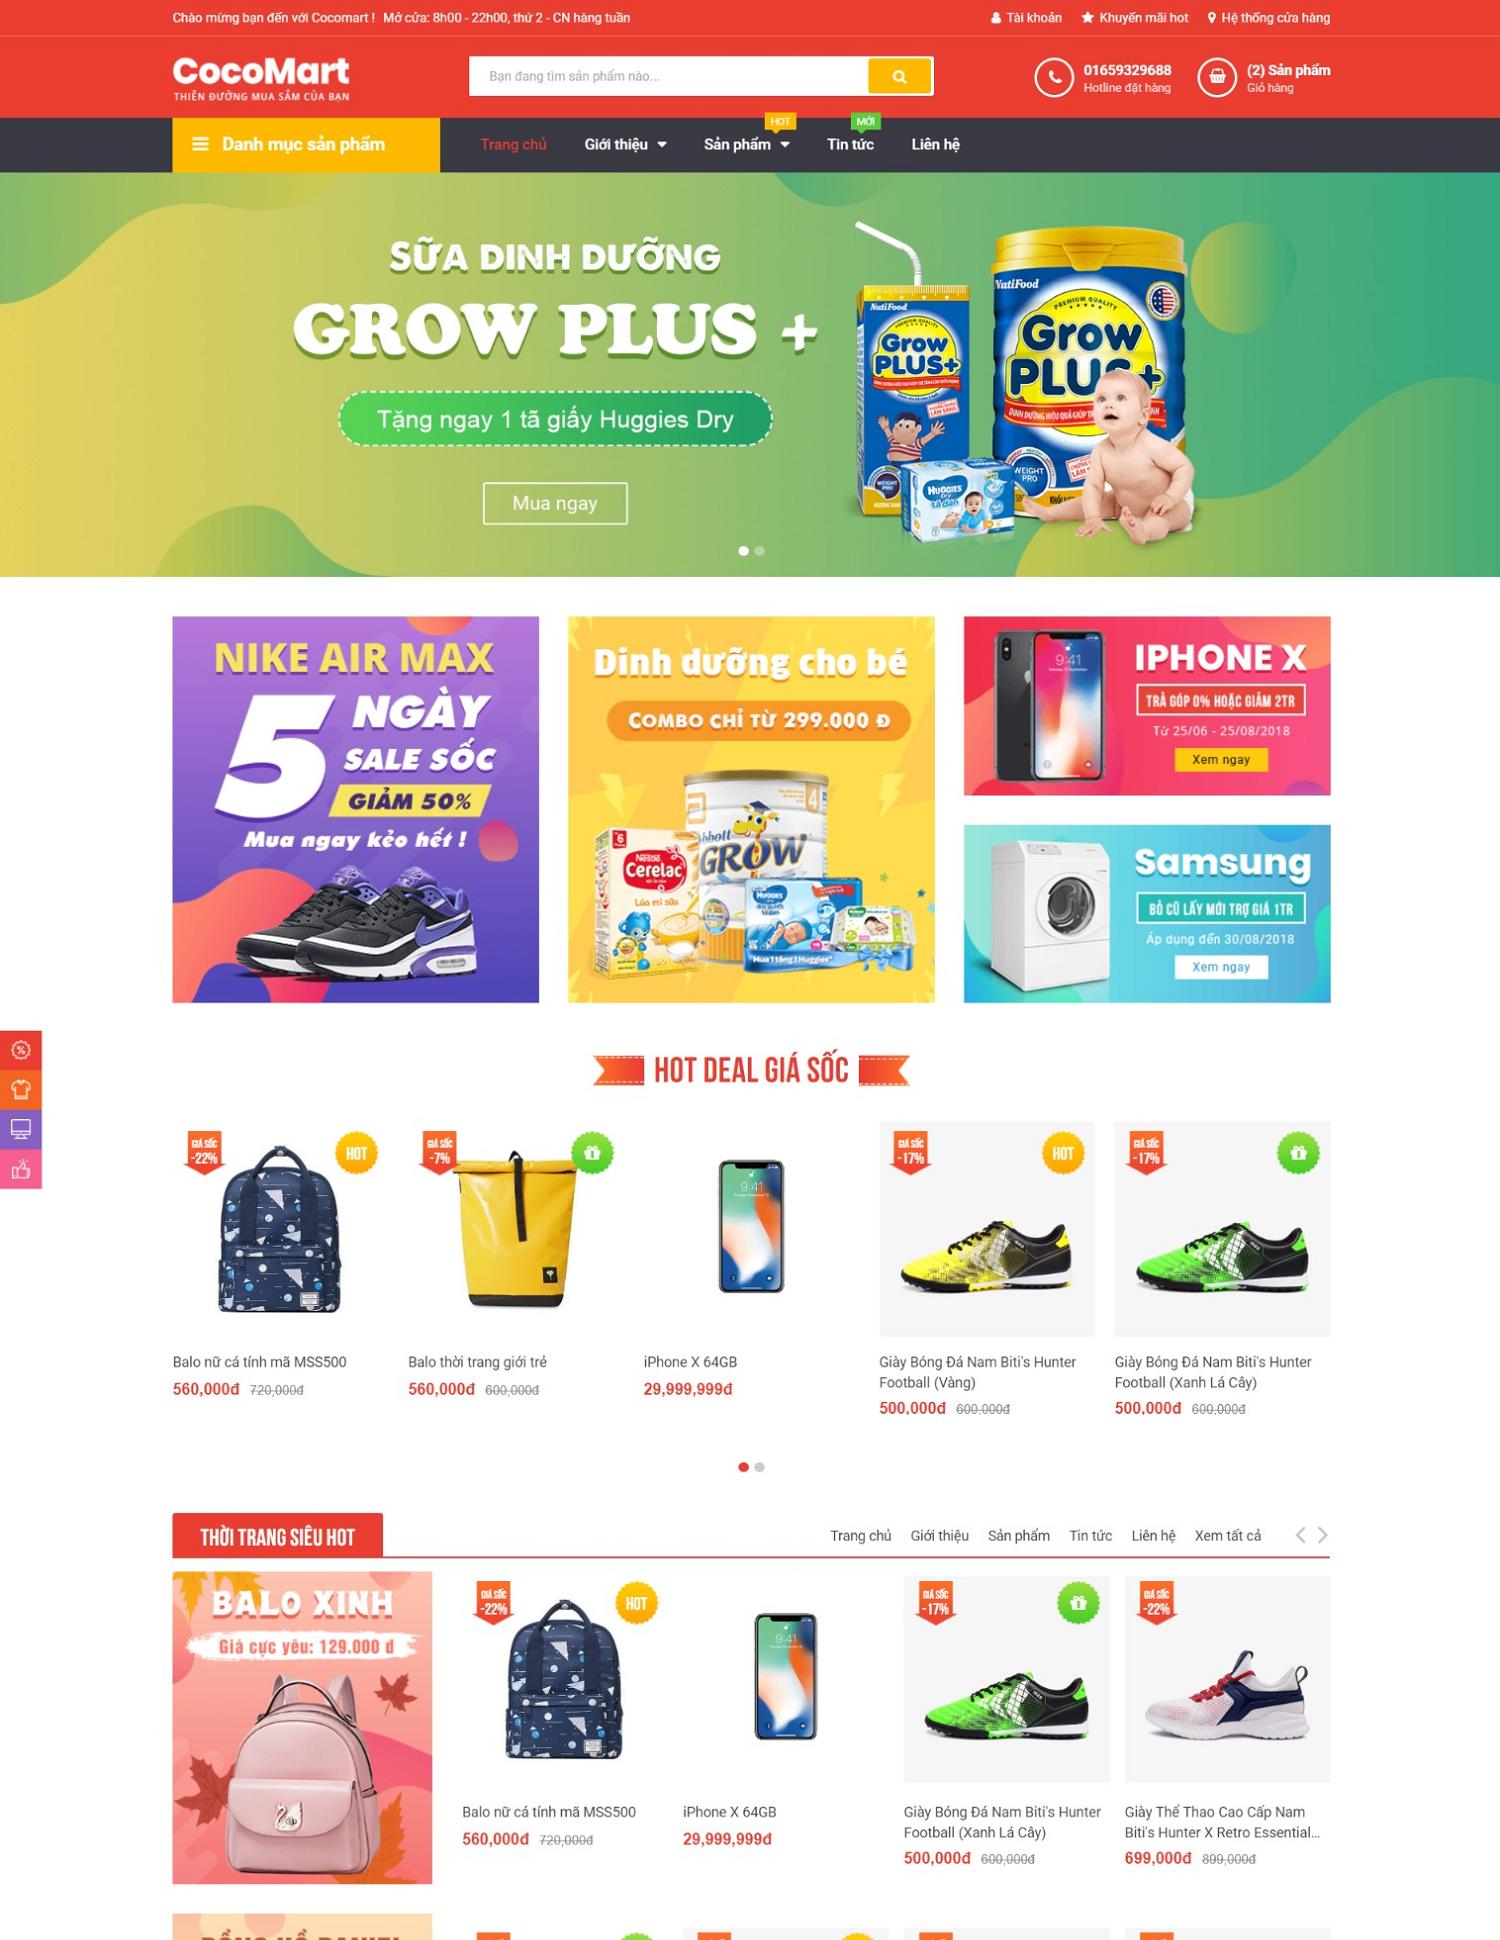 Giao diện blogspot bán hàng Cocomart Green chuẩn seo